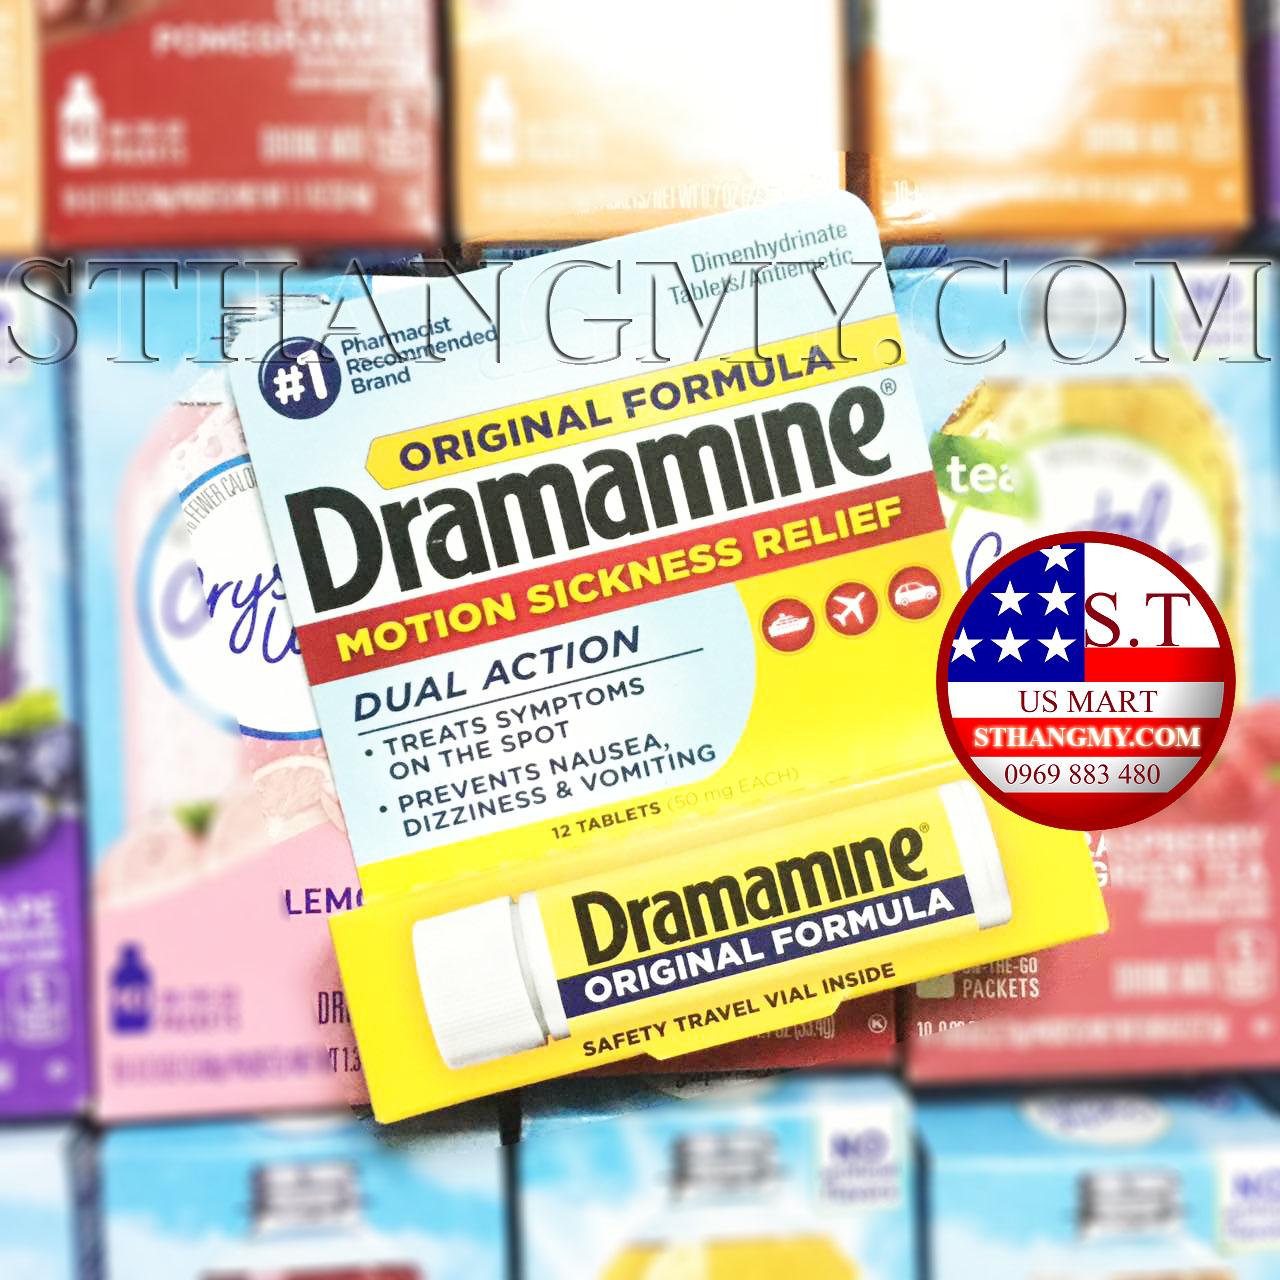 Thuốc say xe Dramamine của Mỹ - Giảm nhanh các triệu chứng say tàu xe